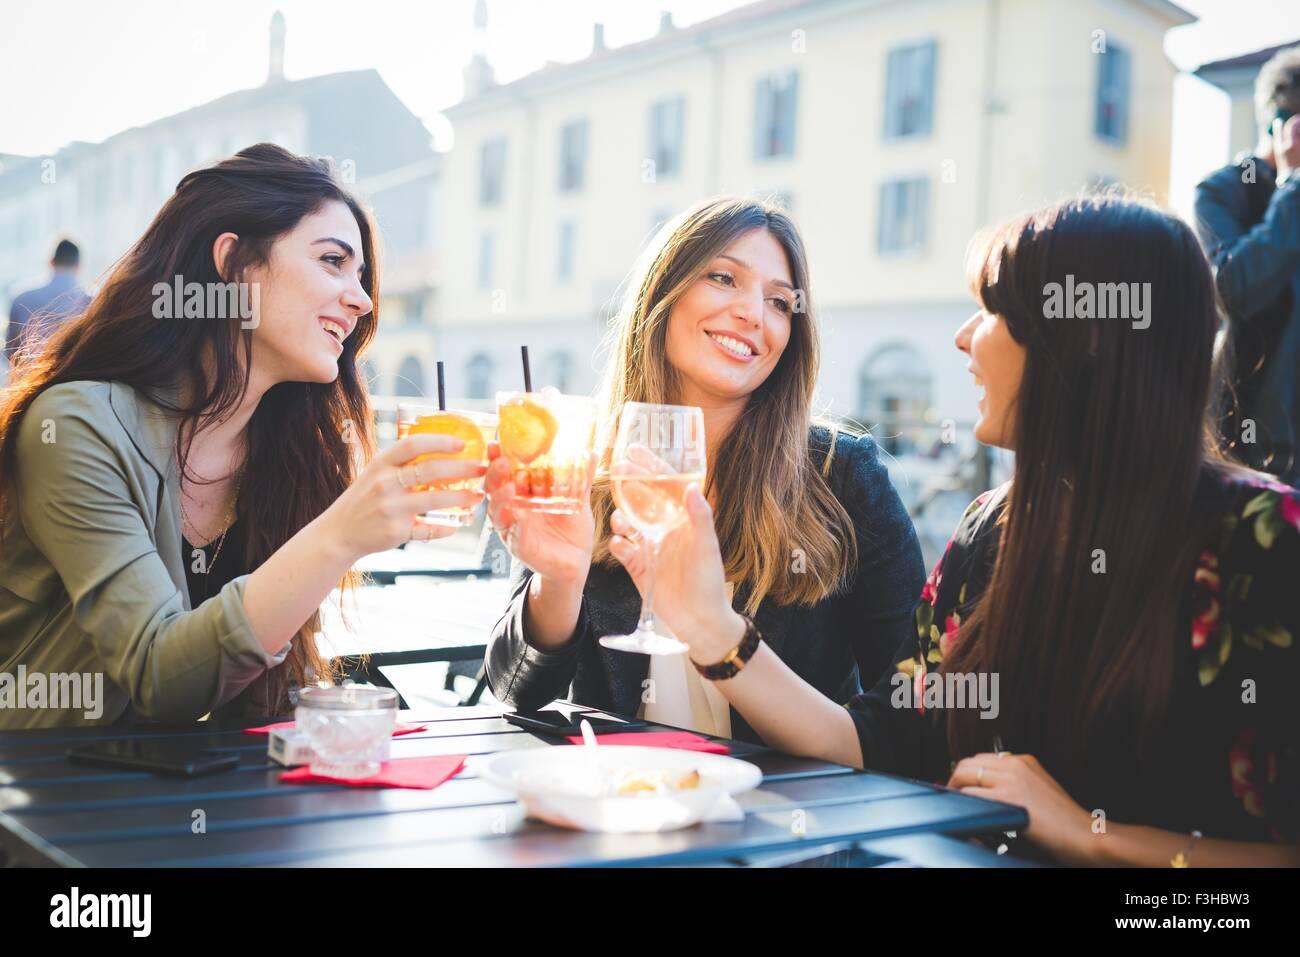 Drei junge Frauen einen Toast in Straßencafé Stockbild